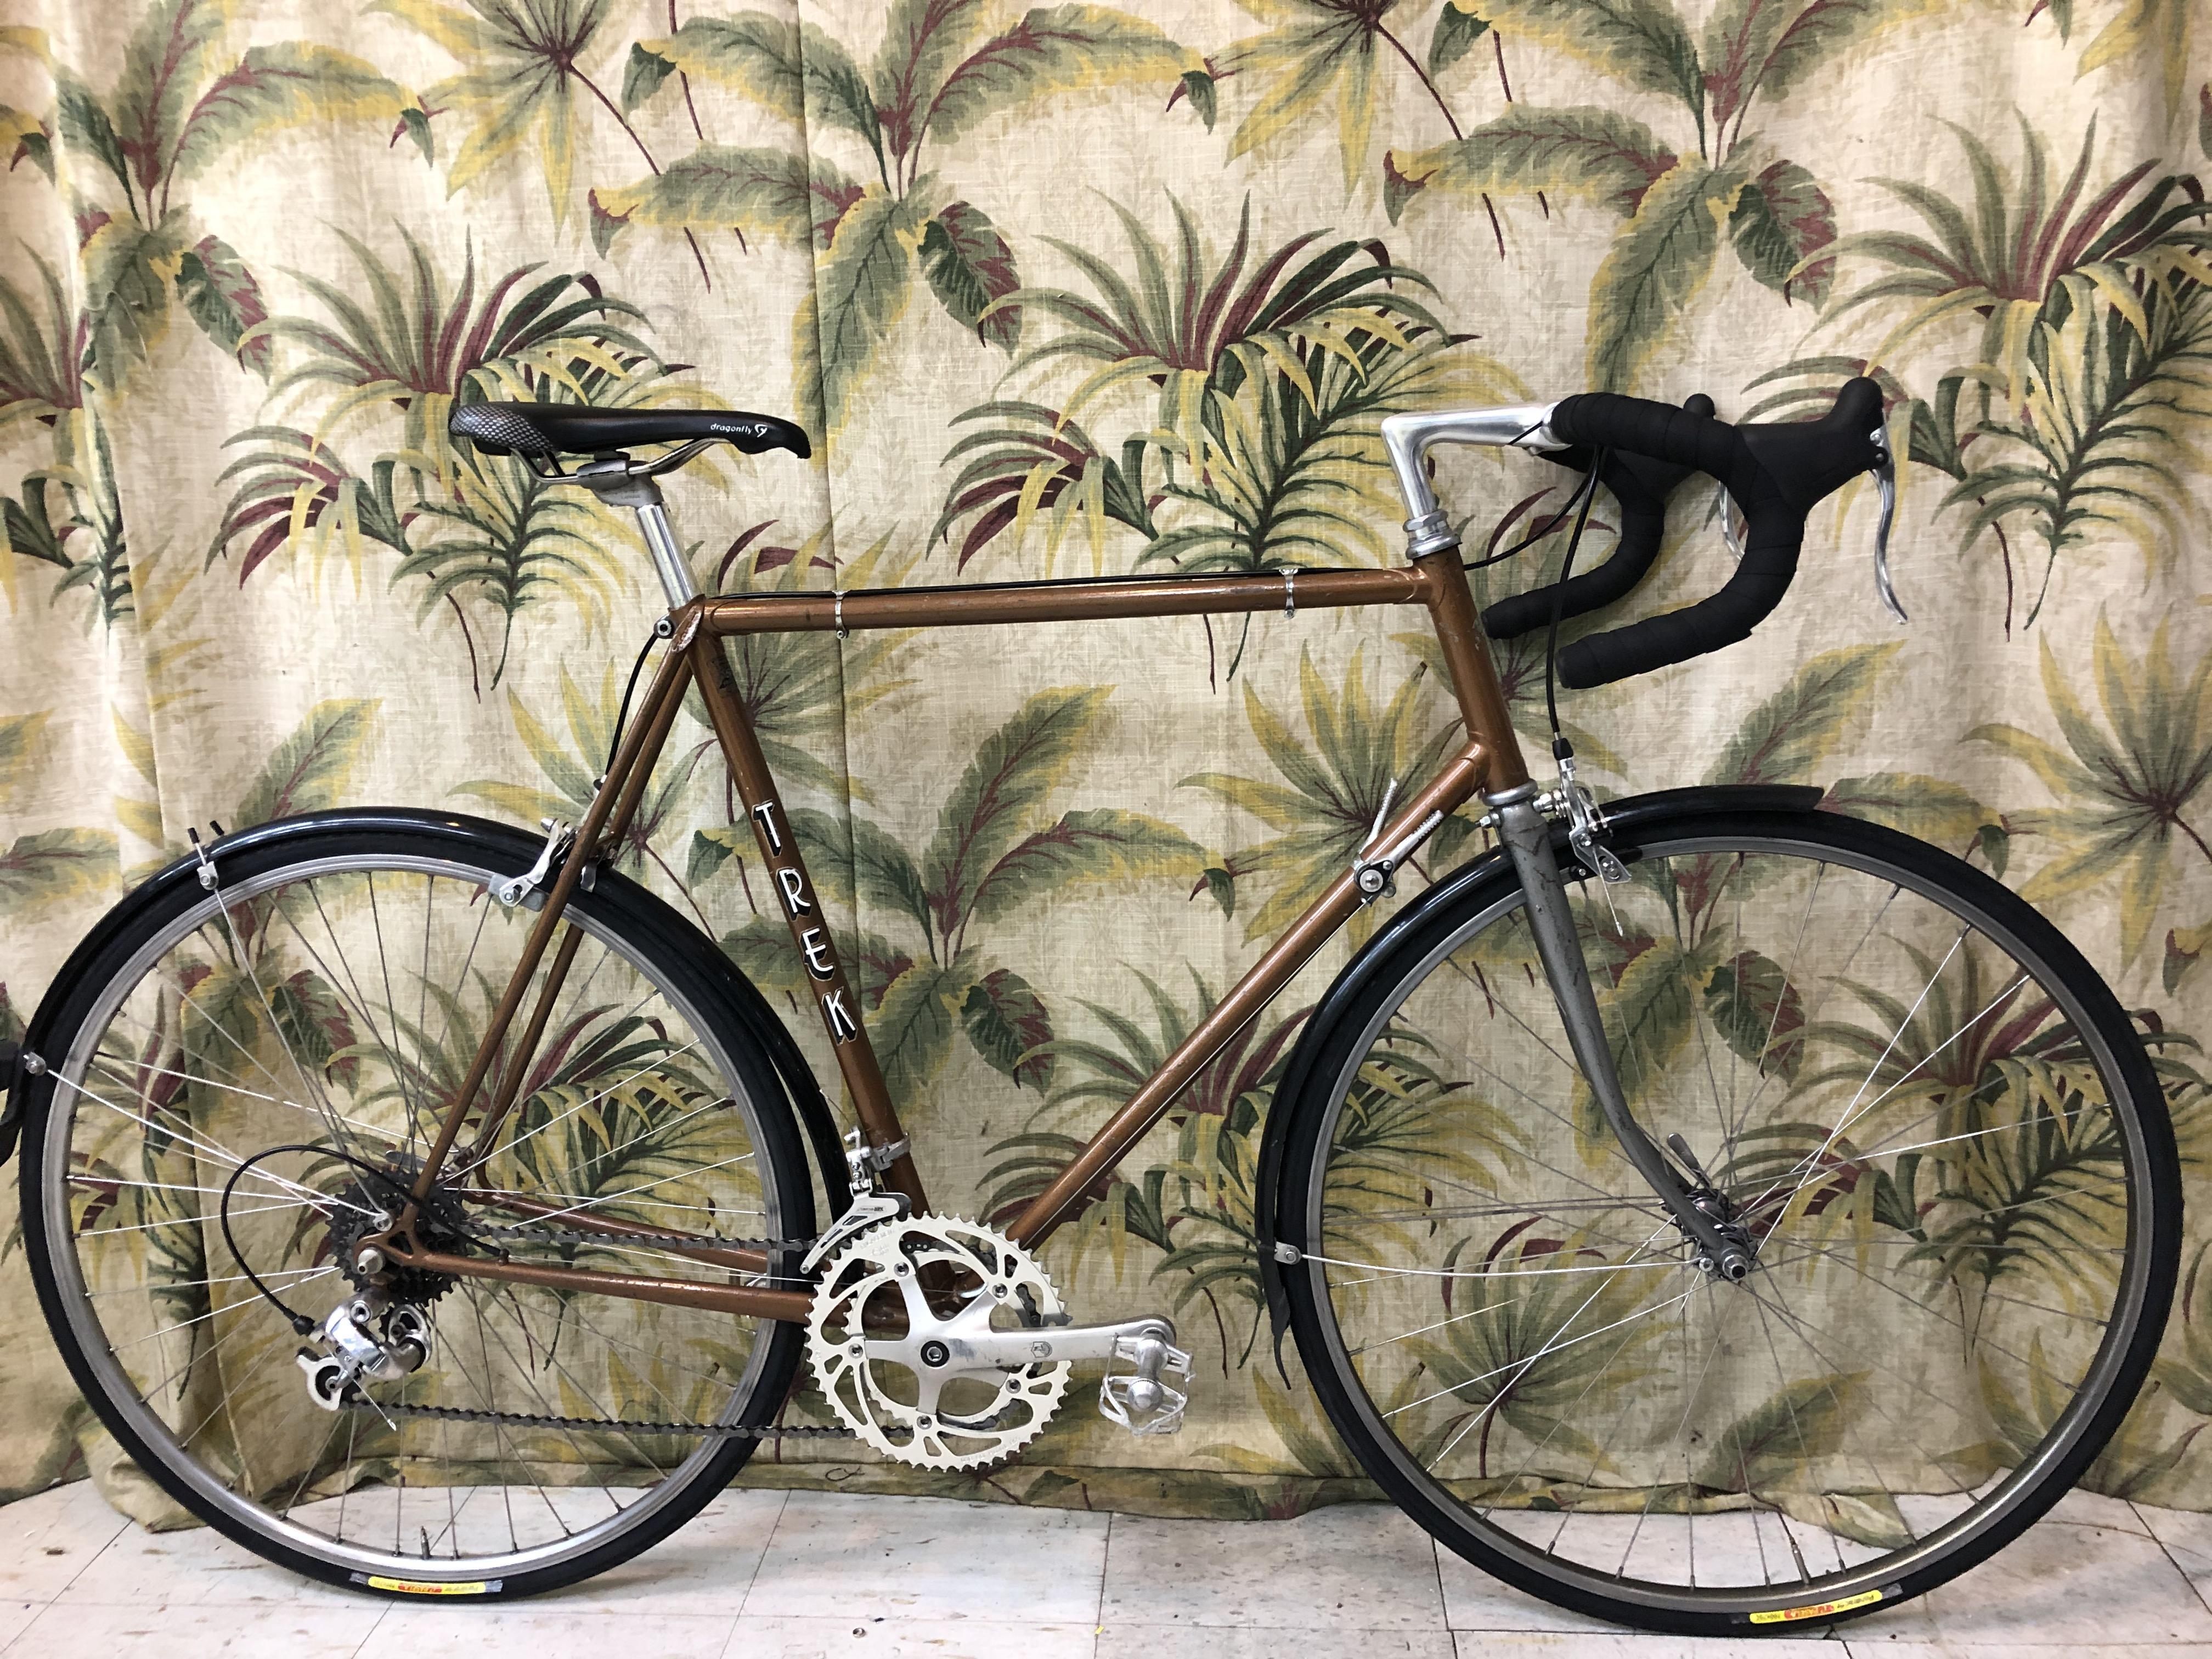 60cm Trek 612 - $350